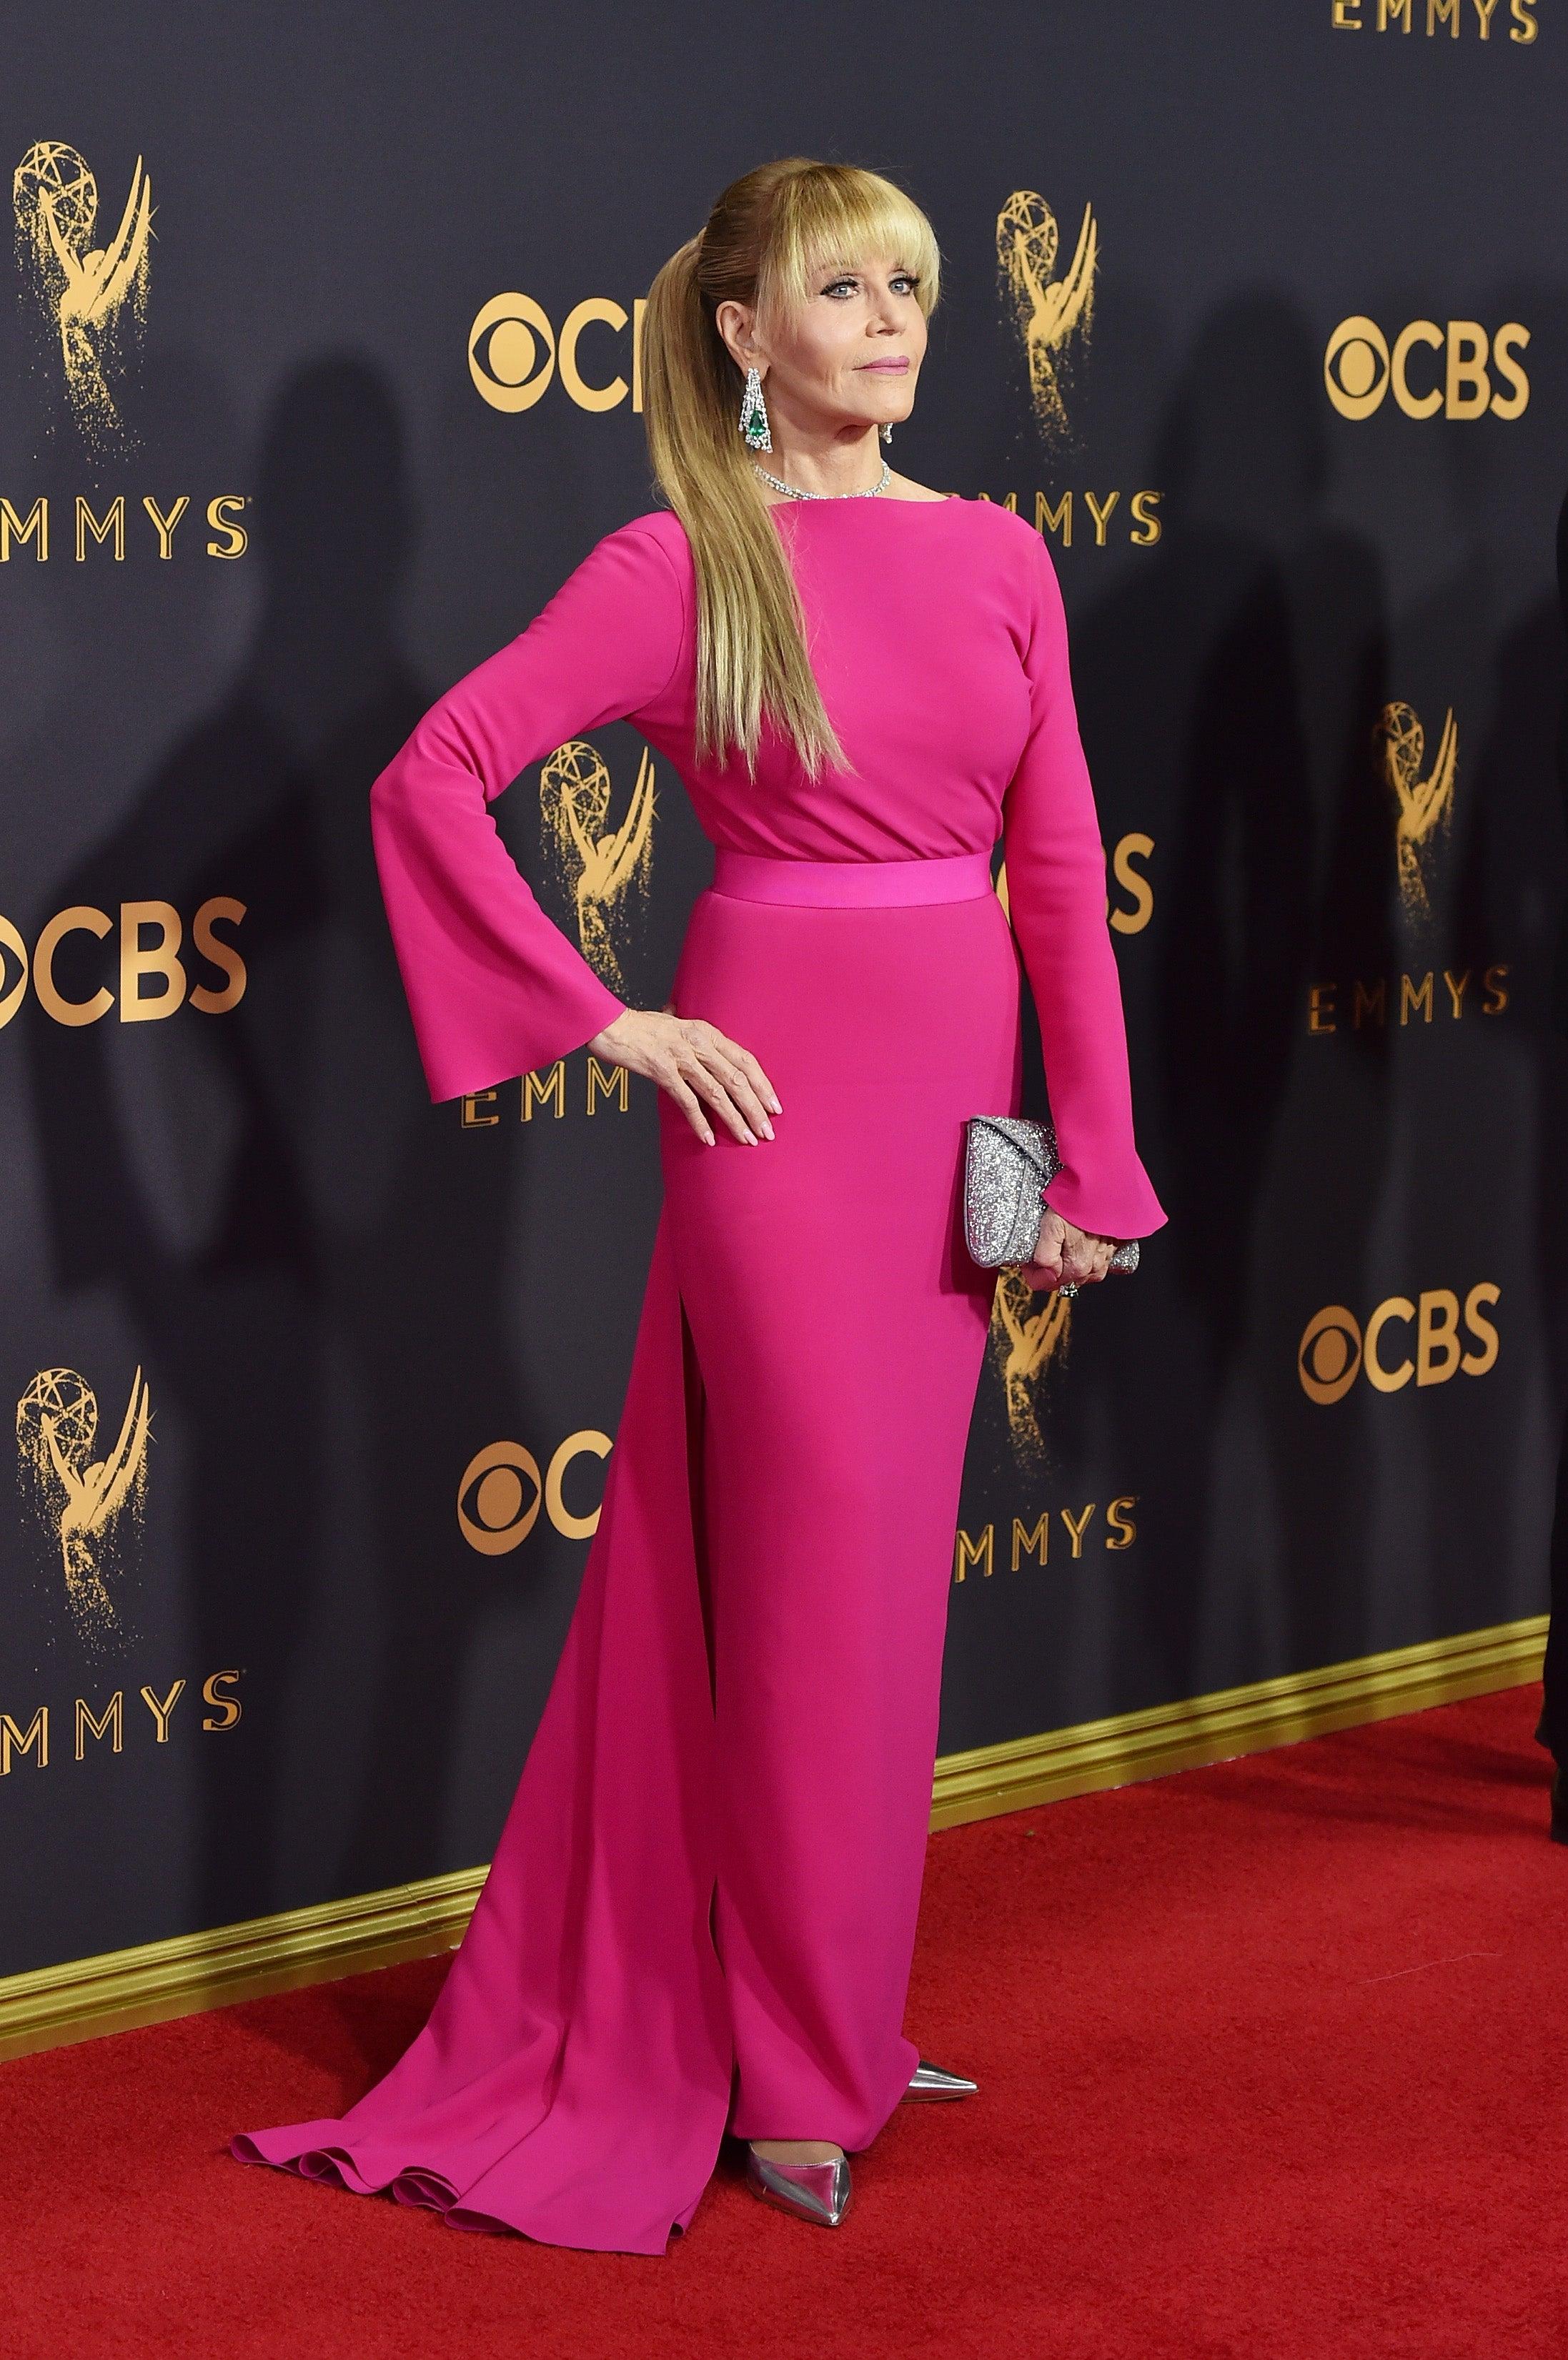 Jane Fonda Emmys 2017